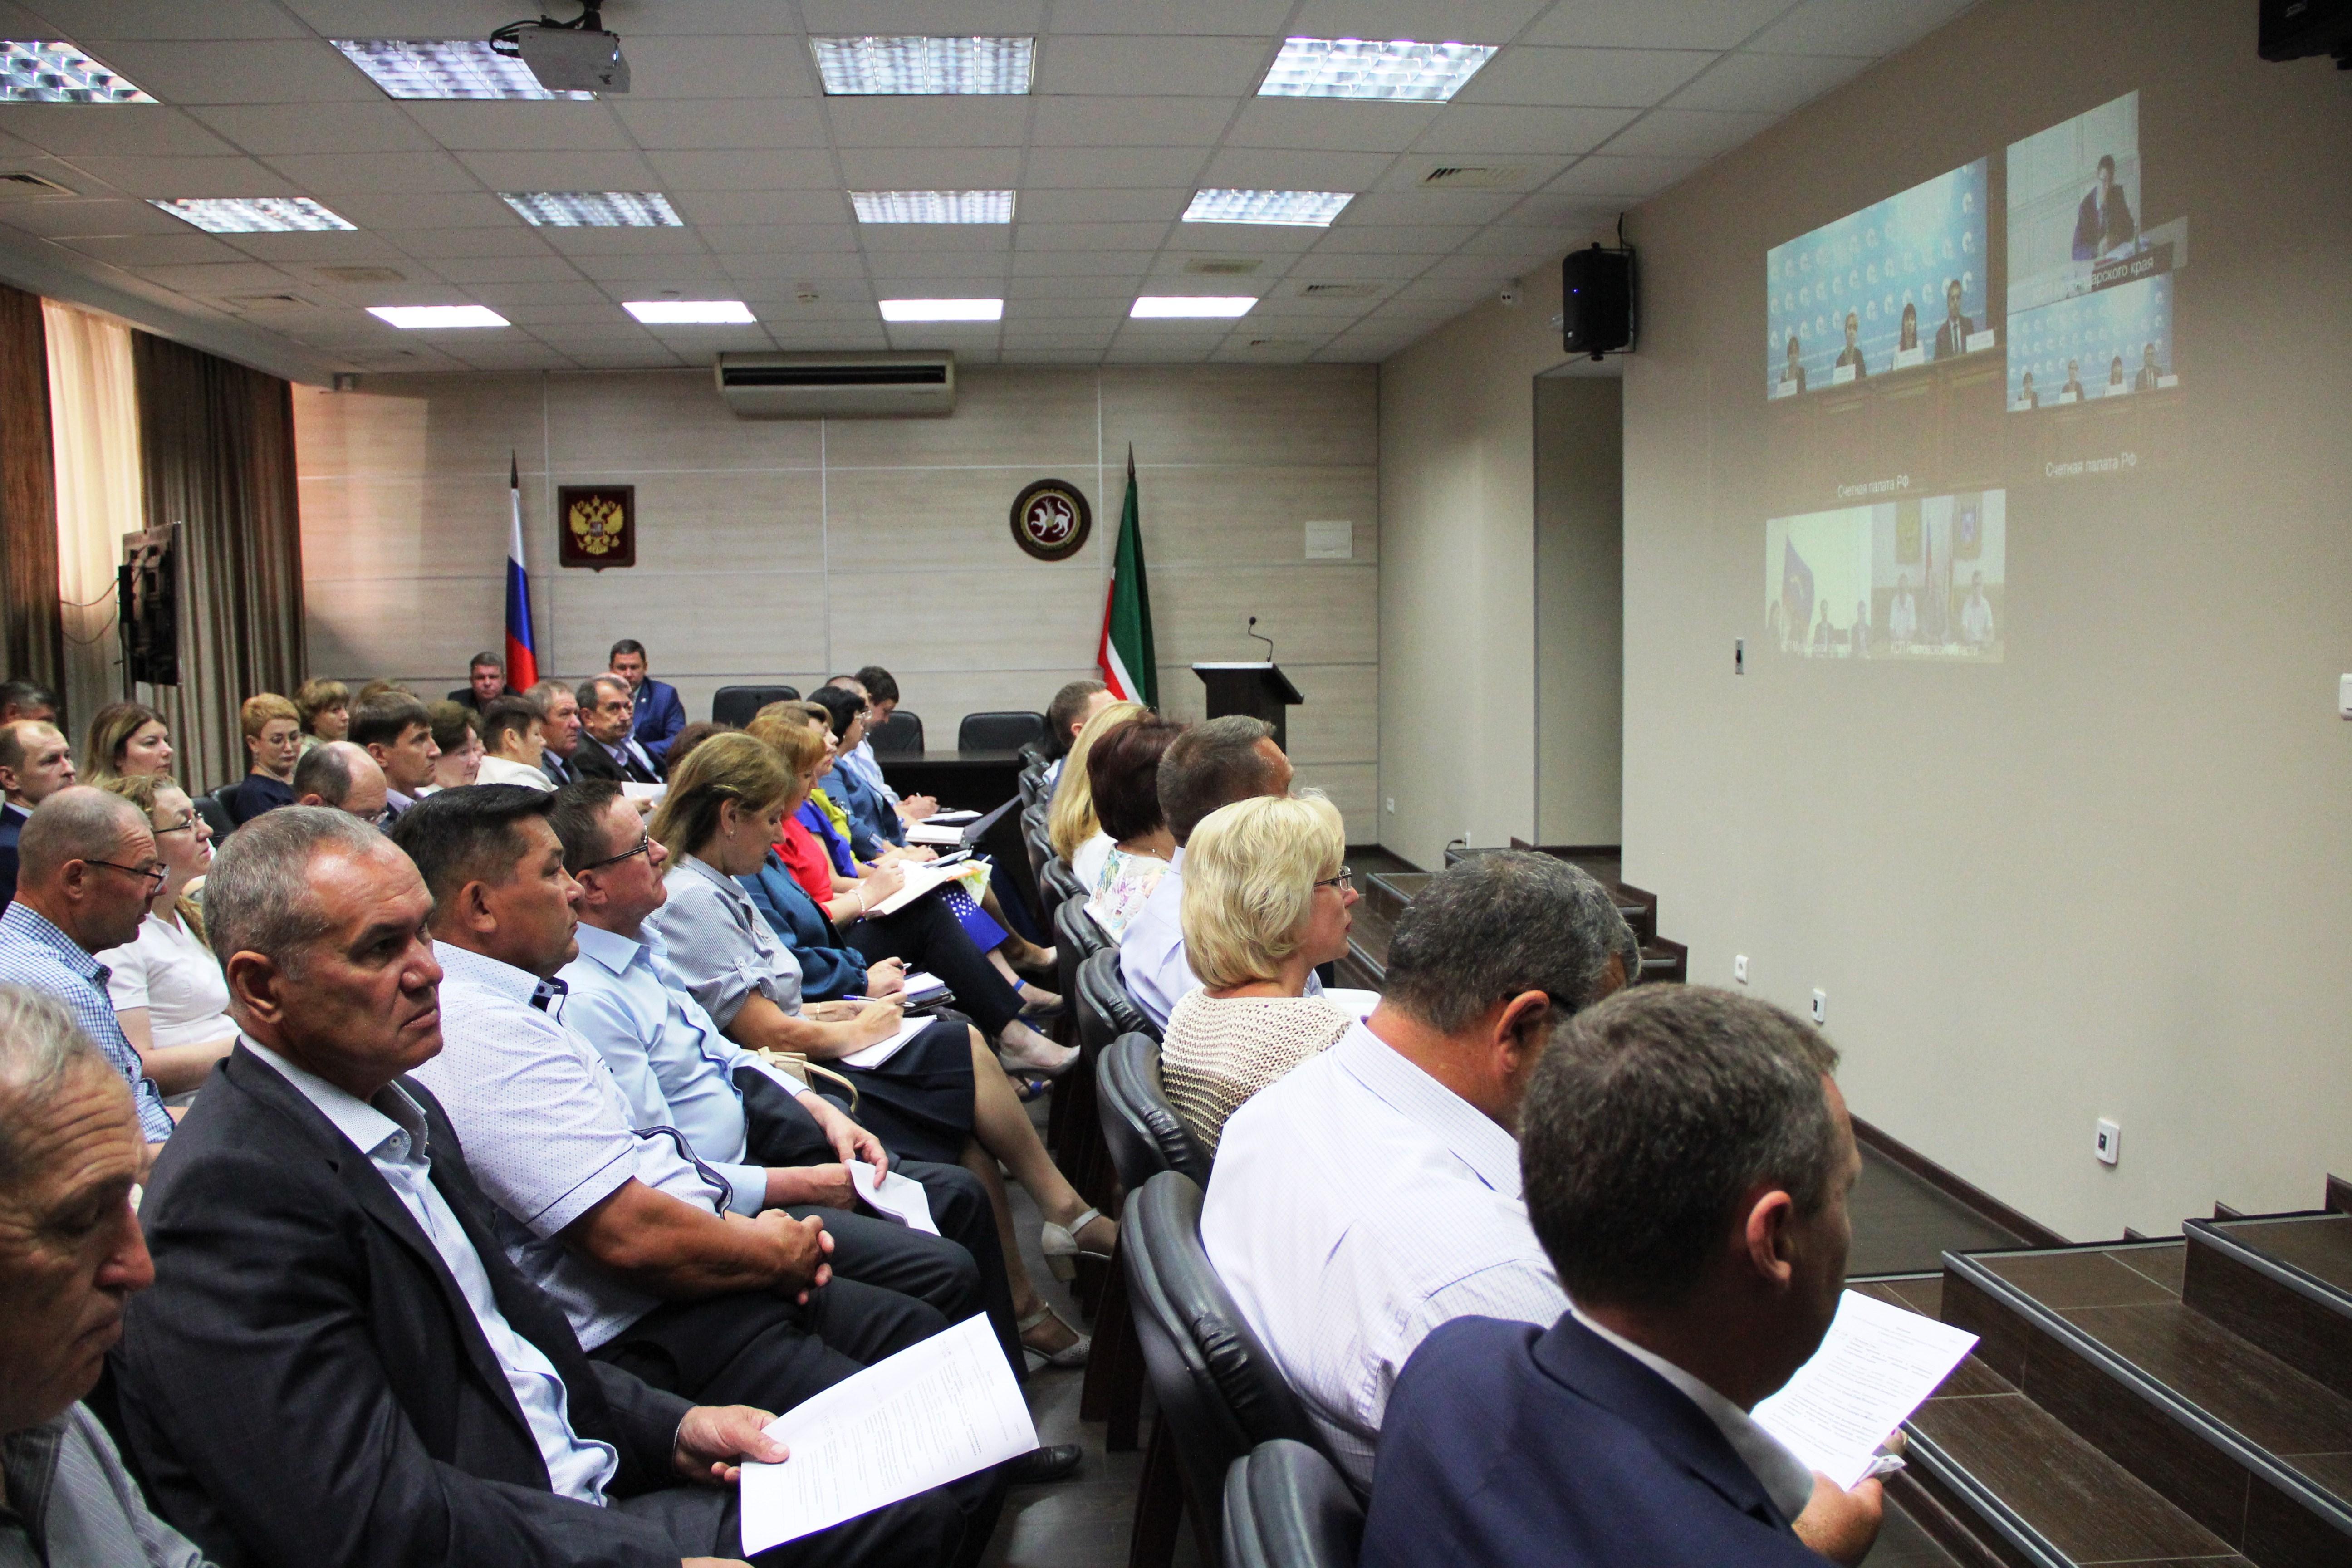 Обучающающий семинар для контрольно-счетных органов субъектов Российской Федерации. (26.06.2019г.)